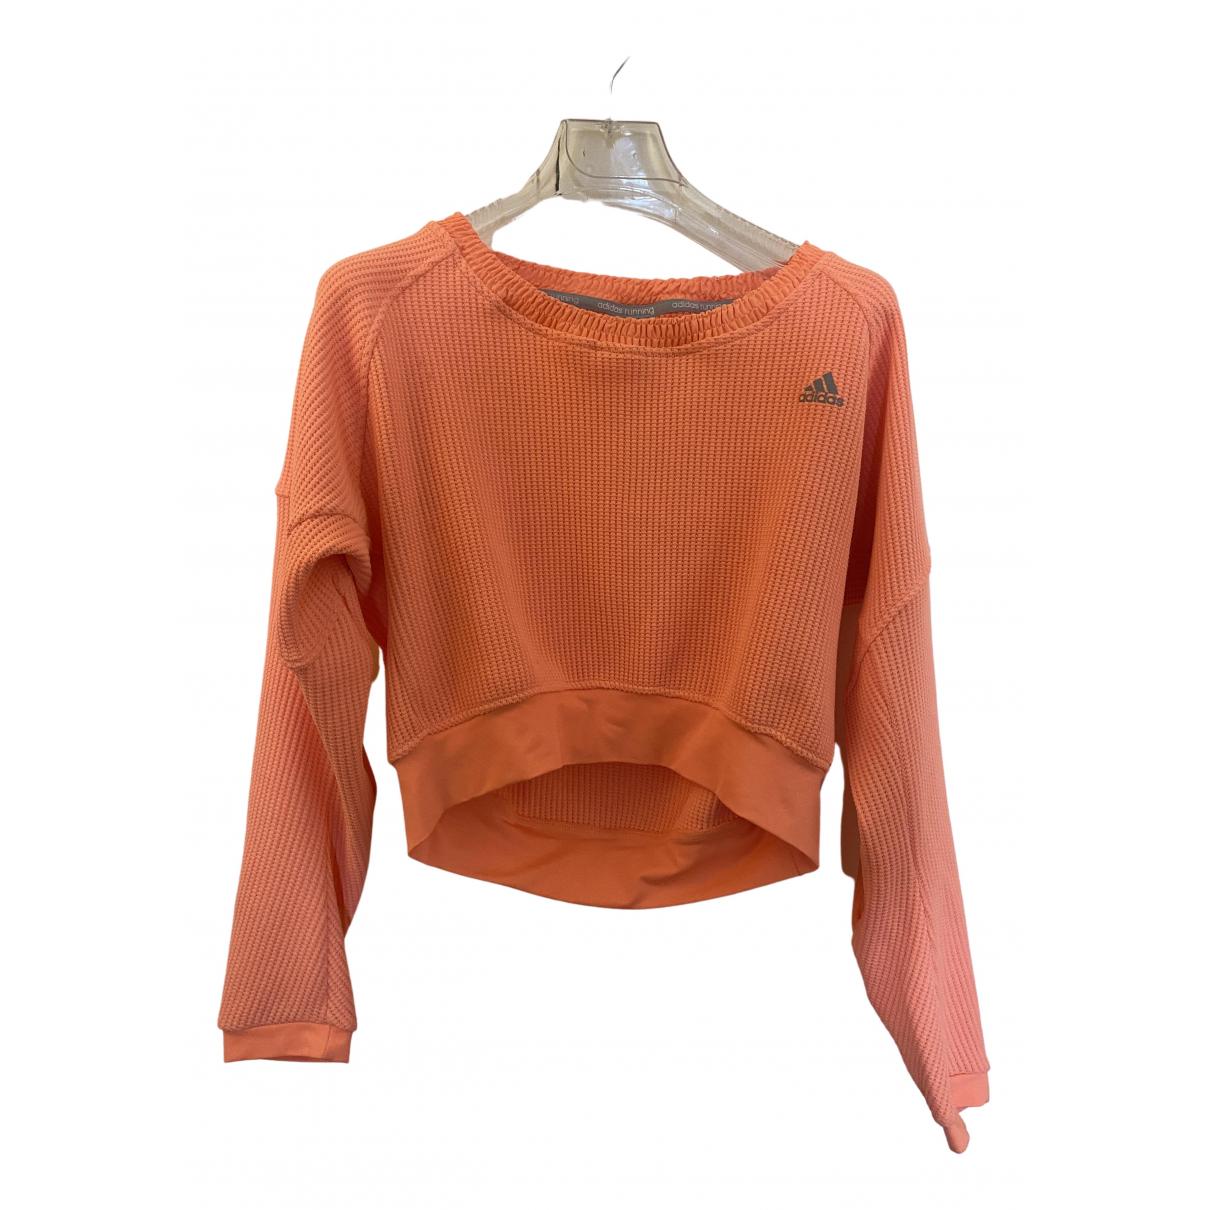 Adidas - Pull   pour femme - orange